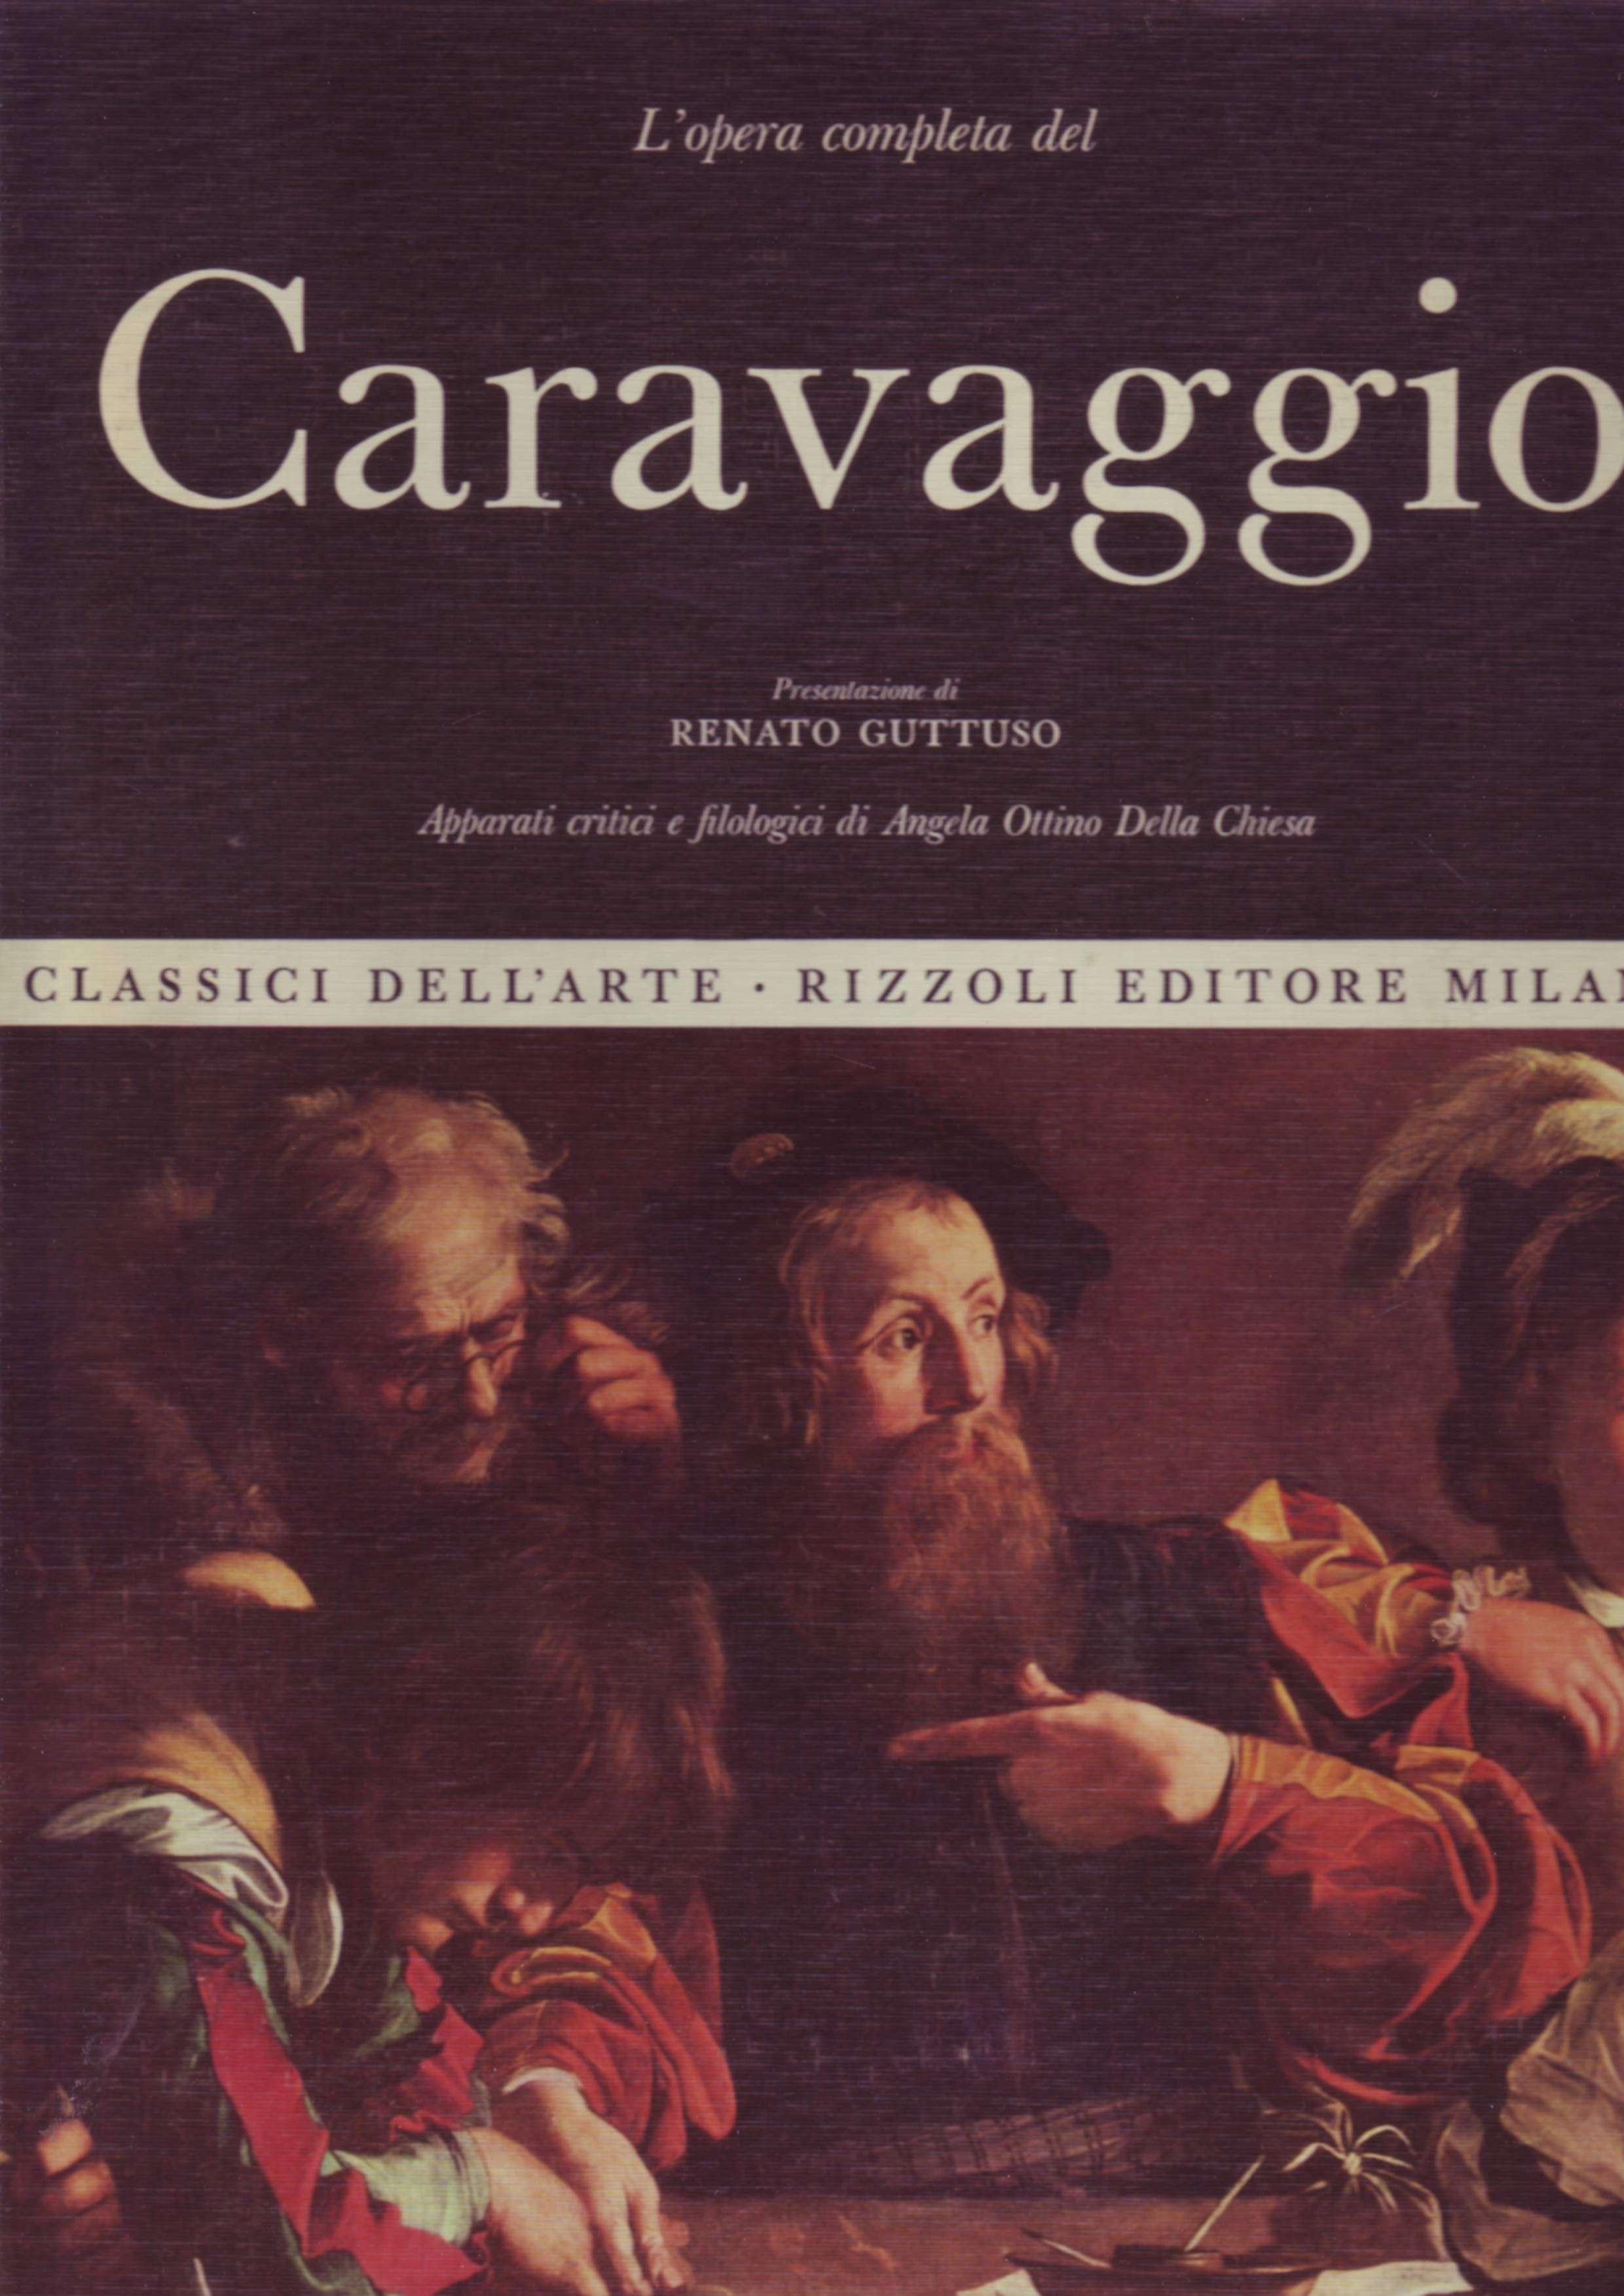 L'opera completa del Caravaggio